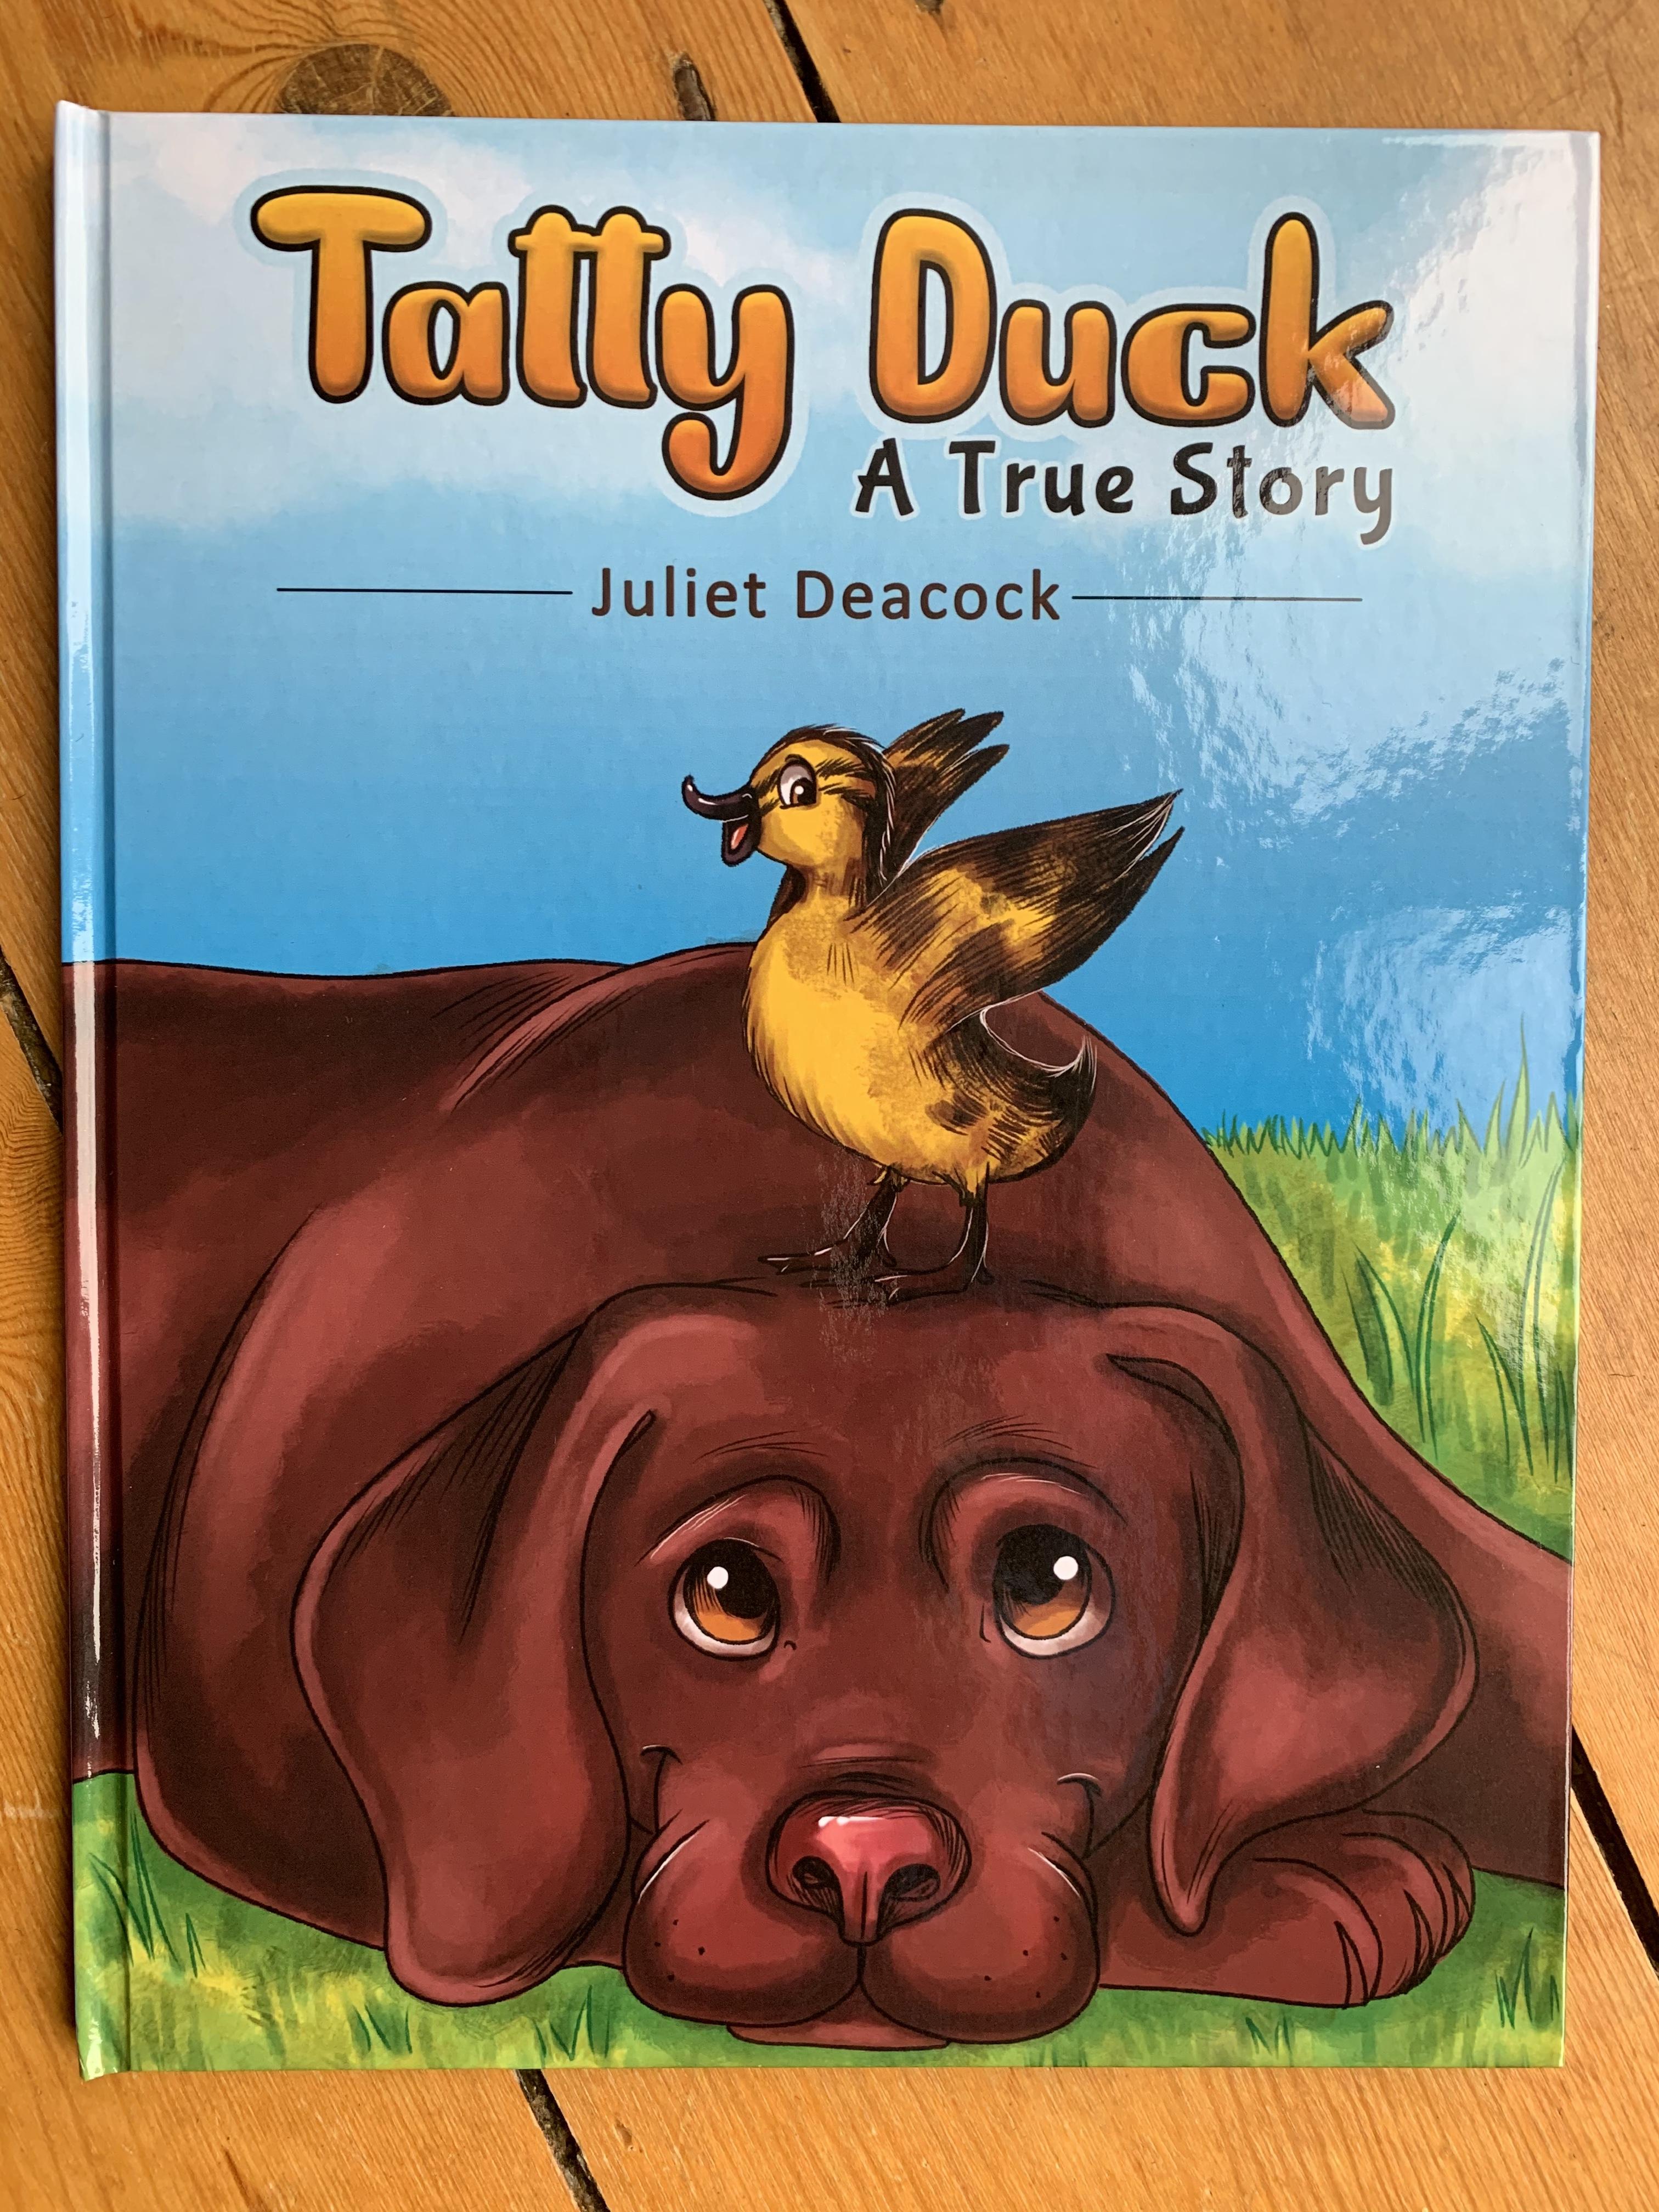 TATTY DUCK, A TRUE STORY